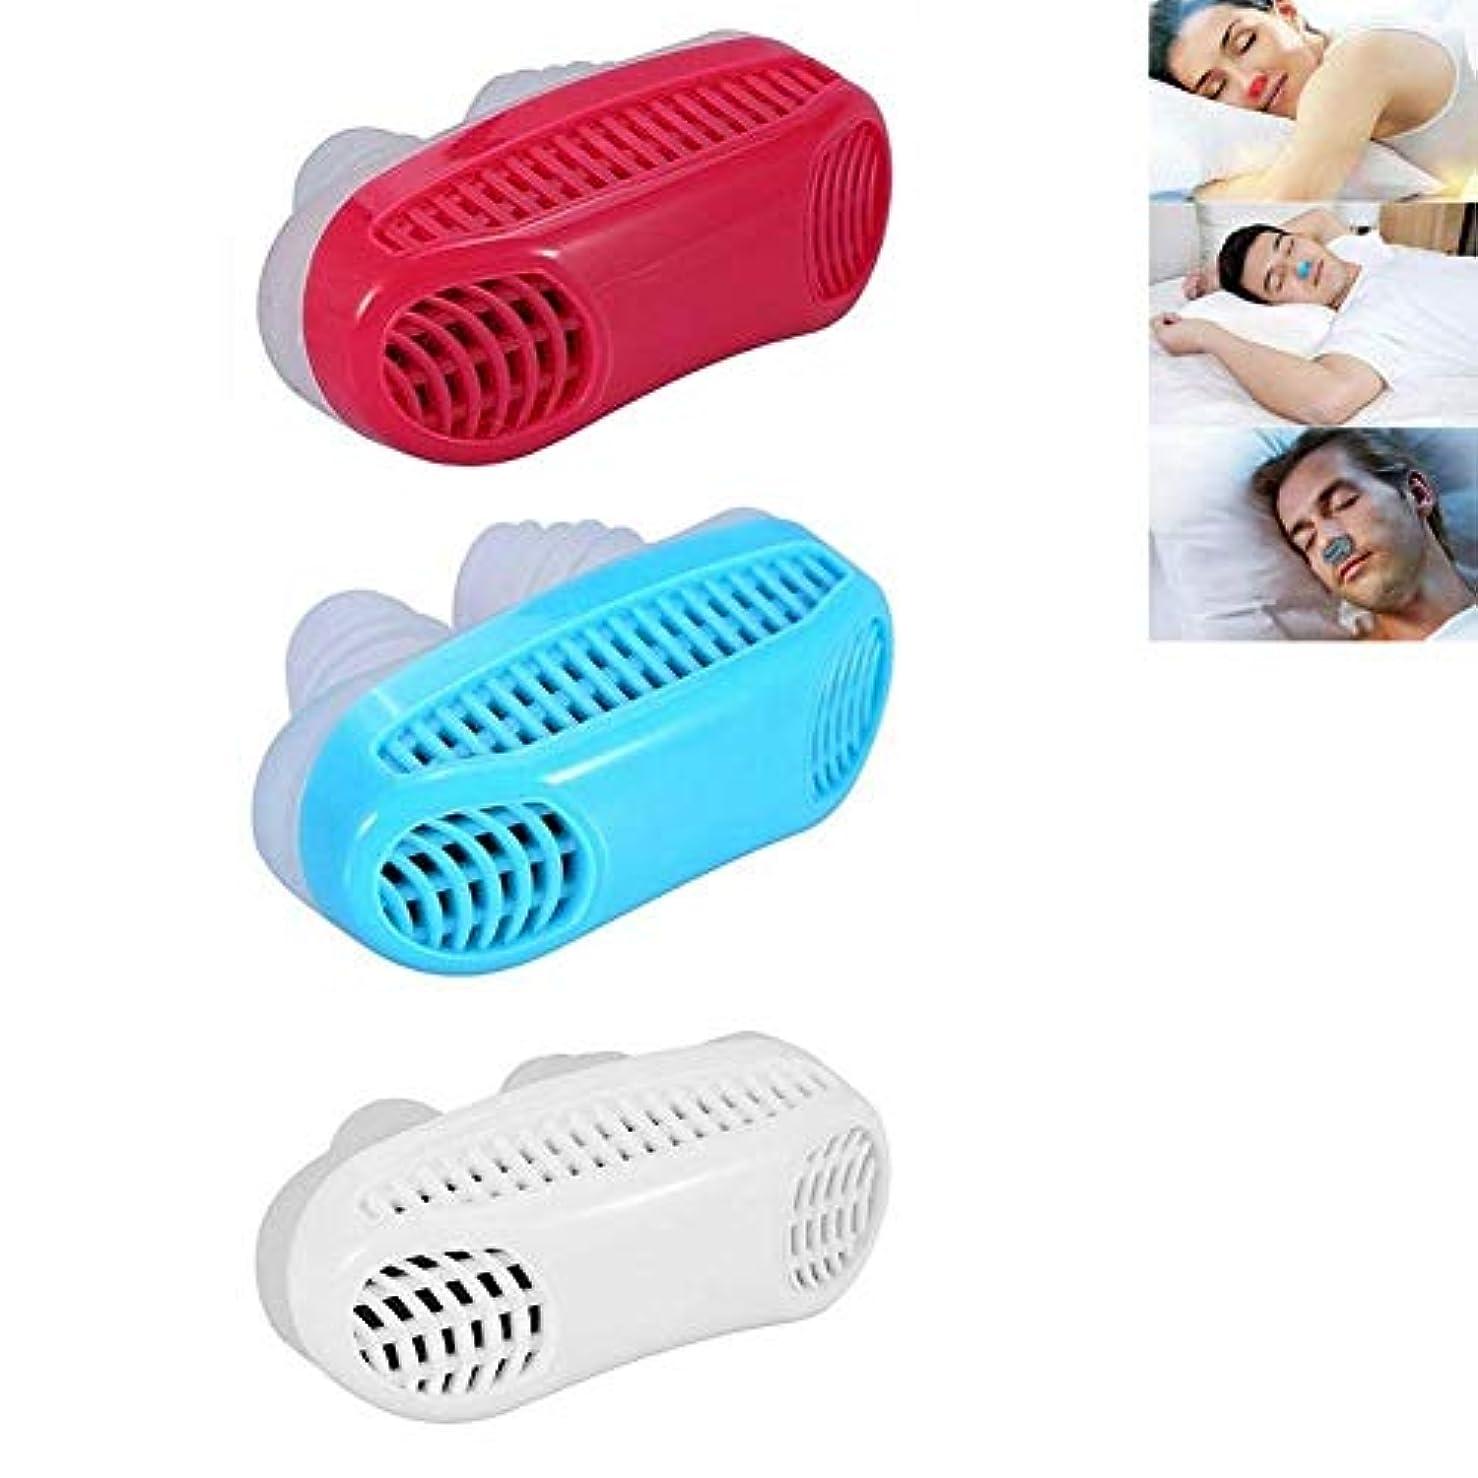 透けて見えるセラフ公園3ピース安全ないびきエイズポータブルシリコーン抗いびき空気清浄機鼻いびきストップクリップ2-in-1健康睡眠ツール